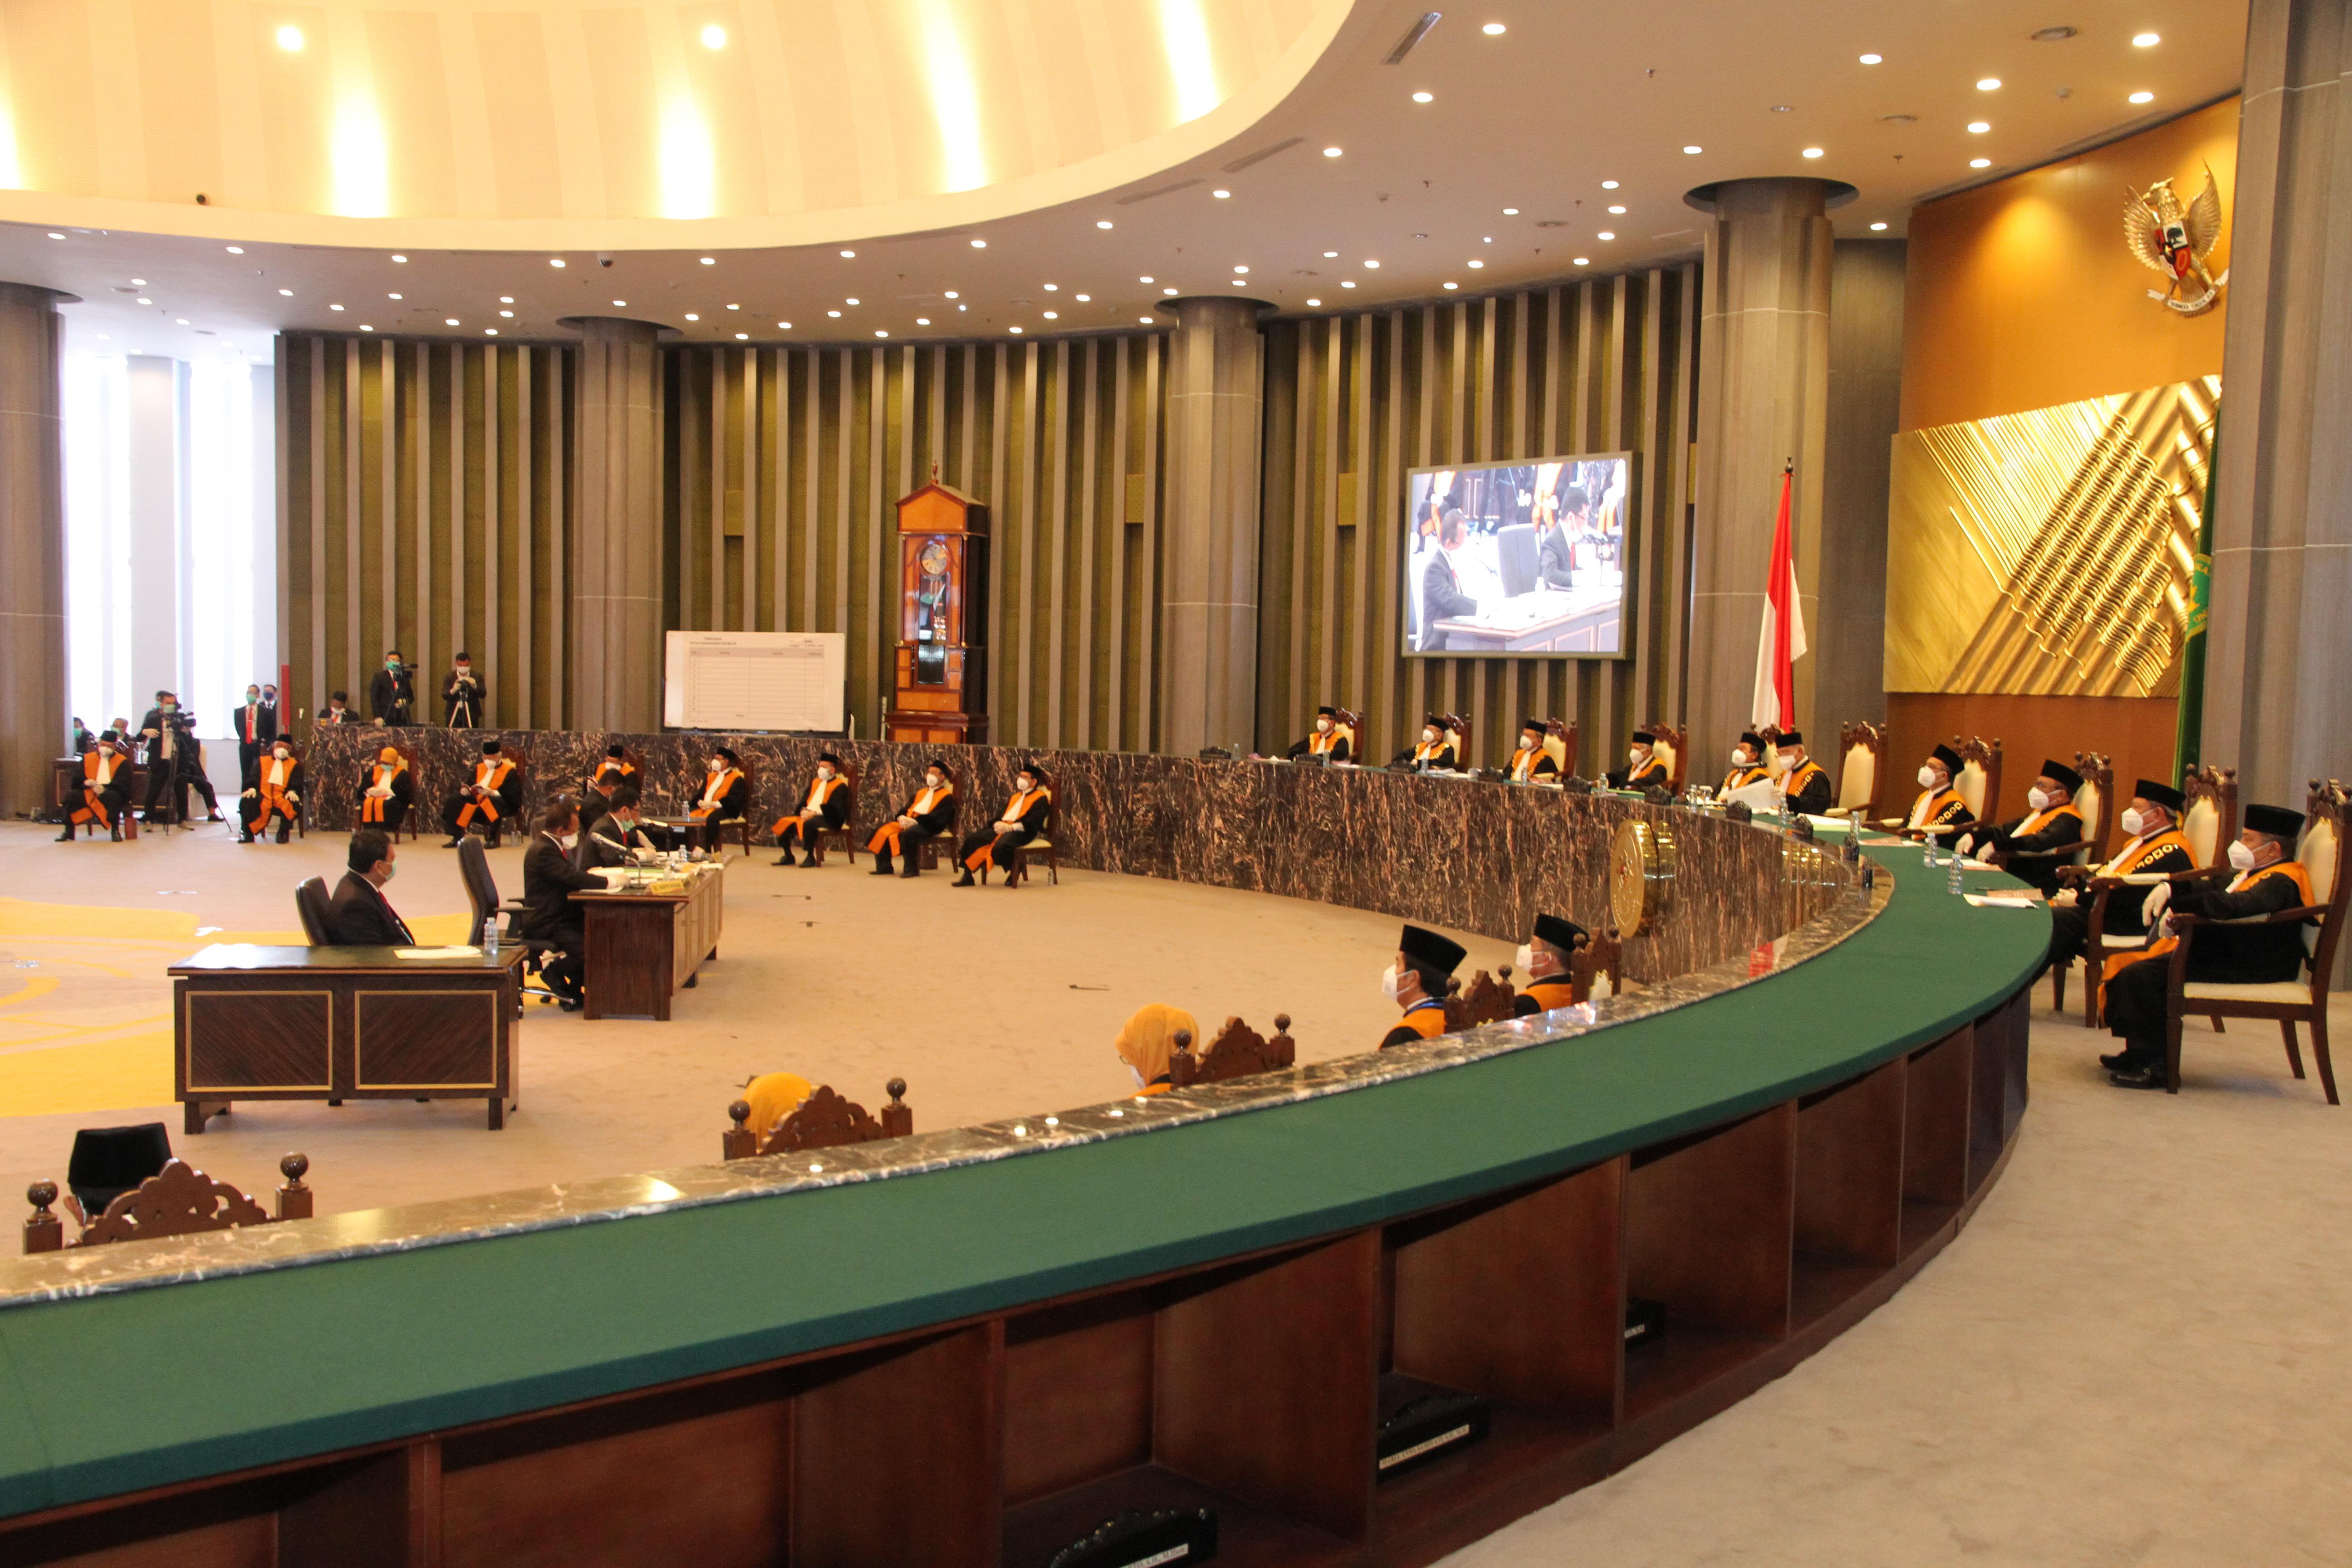 DENGAN MEMATUHI PROTOKOL COVID-19, MAHKAMAH AGUNG SELENGGARAKAN PEMILIHAN KETUA MAHKAMAH AGUNG PERIODE 2020-2025